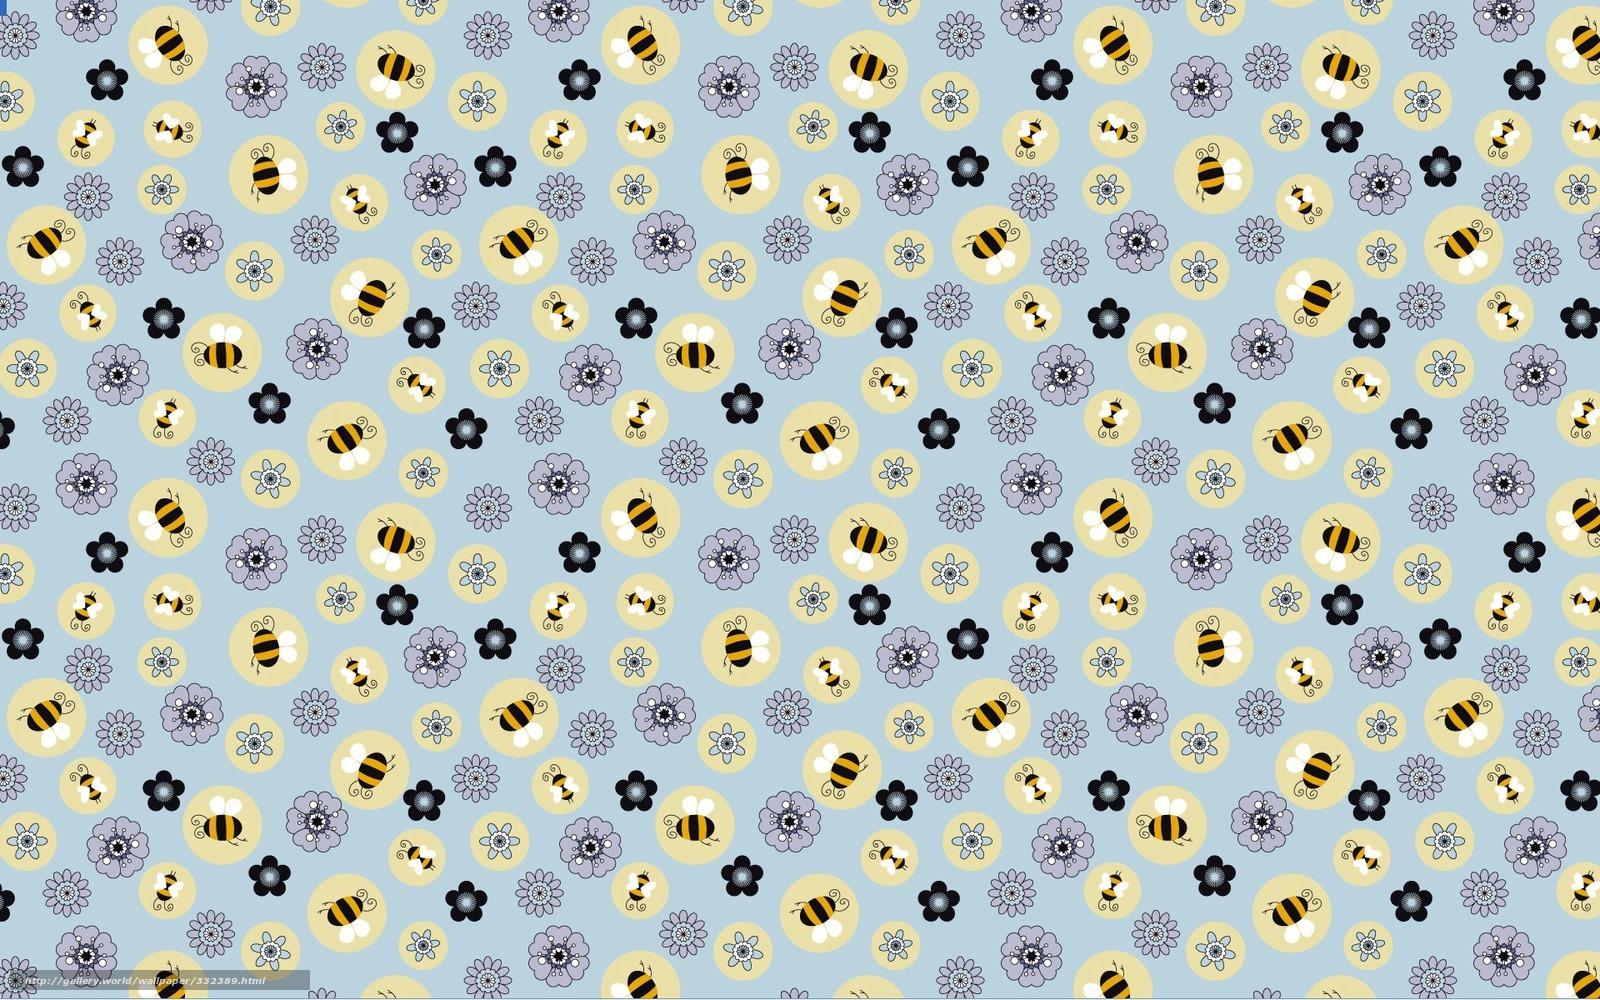 Descargar gratis Las abejas, flores, Papel pintado, textura Fondos de